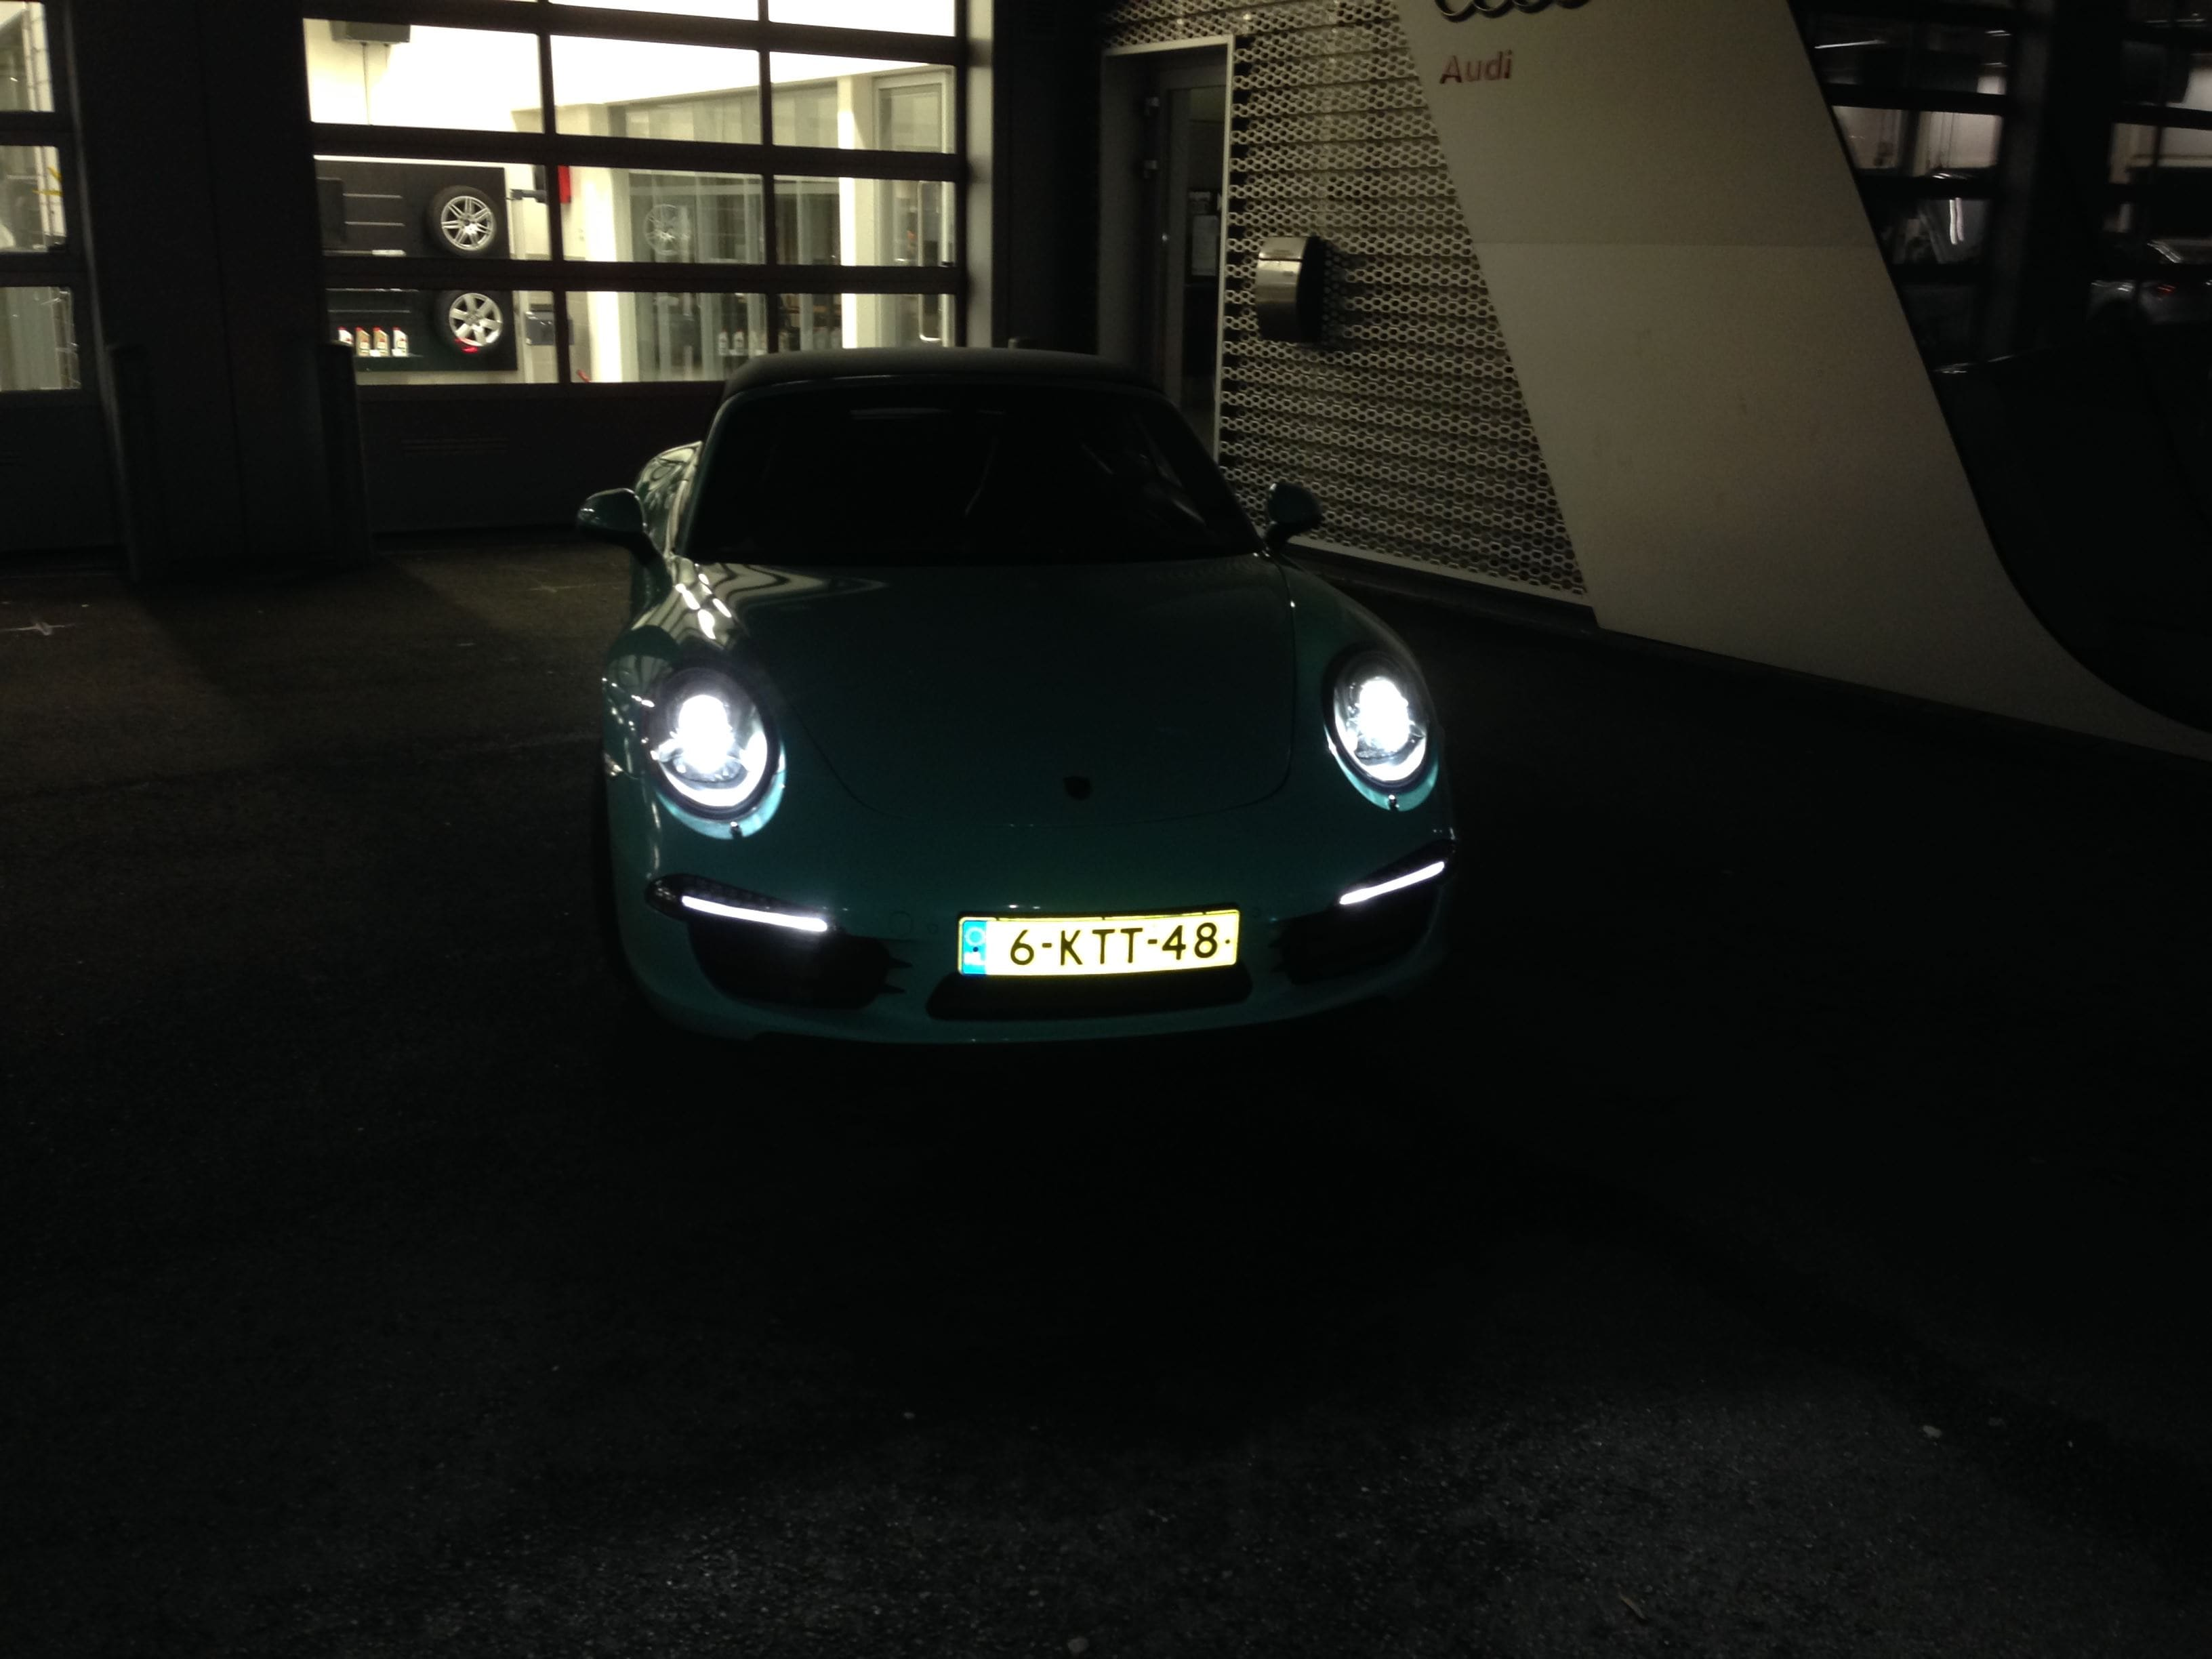 Porsche Carrera Turbo S Cabrio met Mint Green Wrap, Carwrapping door Wrapmyride.nu Foto-nr:6745, ©2020